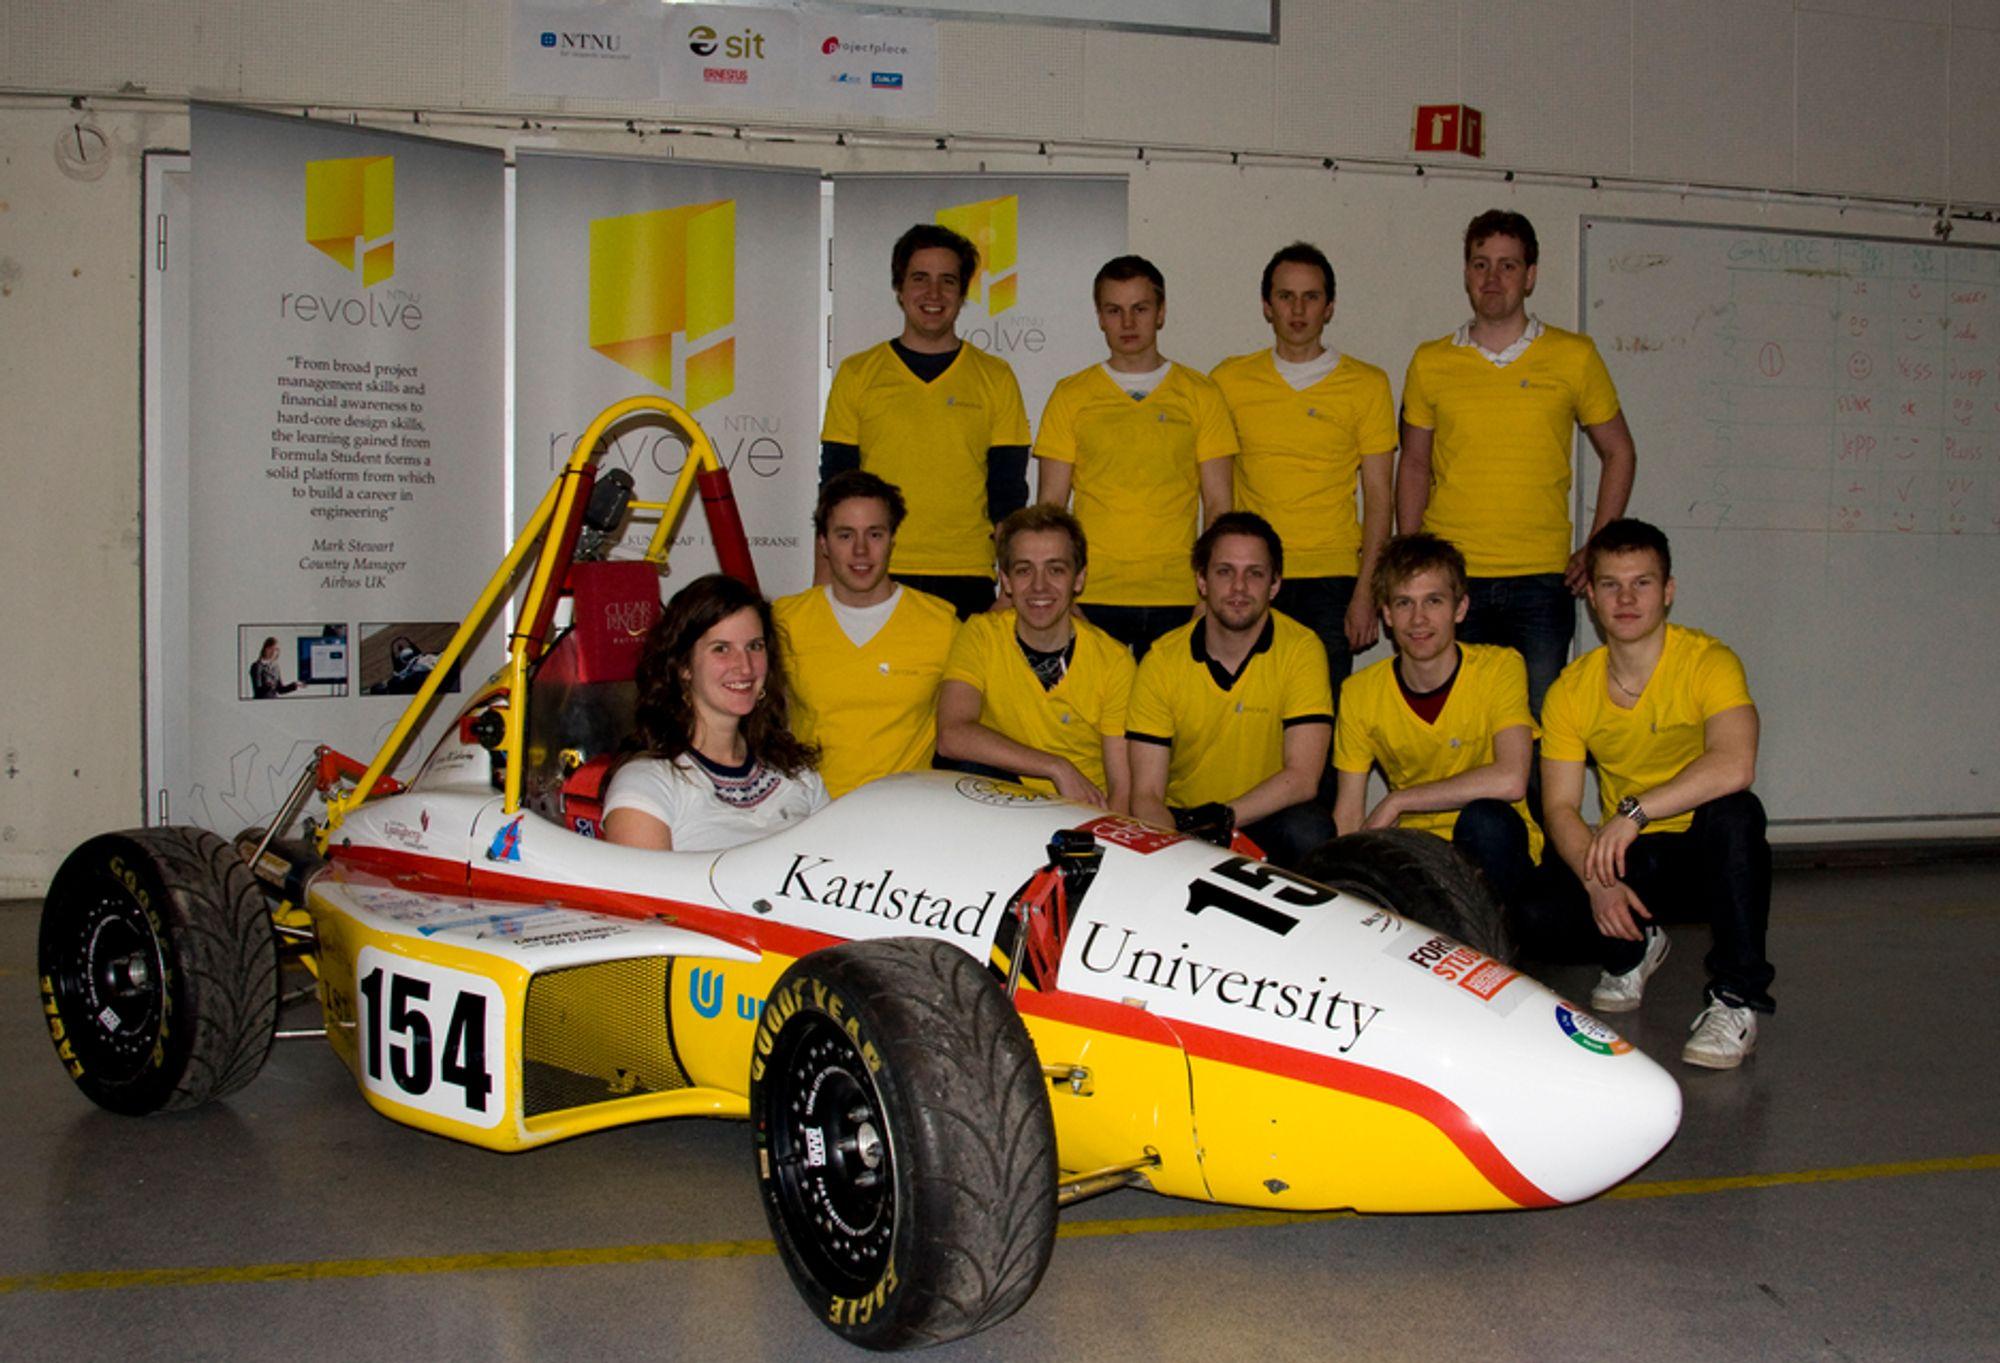 STUDENTBIL: Revolve NTNU er navnet på studentorganisasjonen som skal bygge en racerbil mot konkurransen Formula Student i 2012. Foreløpig har de lånt en bil av universitetet i Karlstad for å promotere seg.